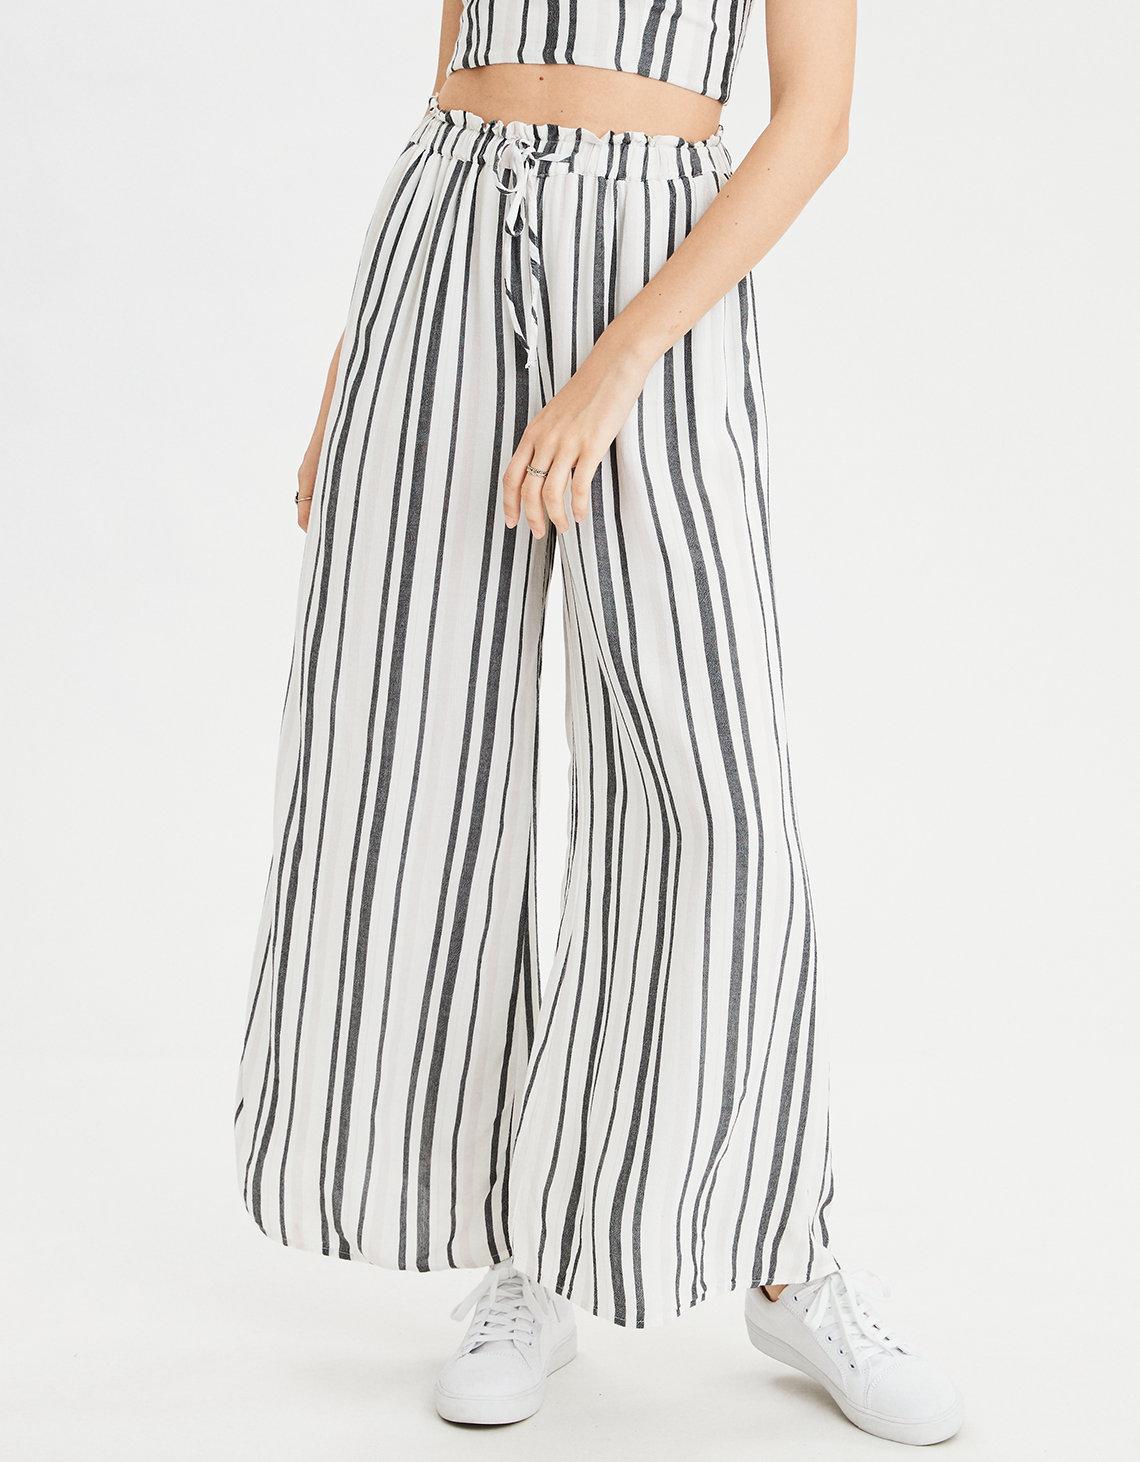 ae striped pant, black